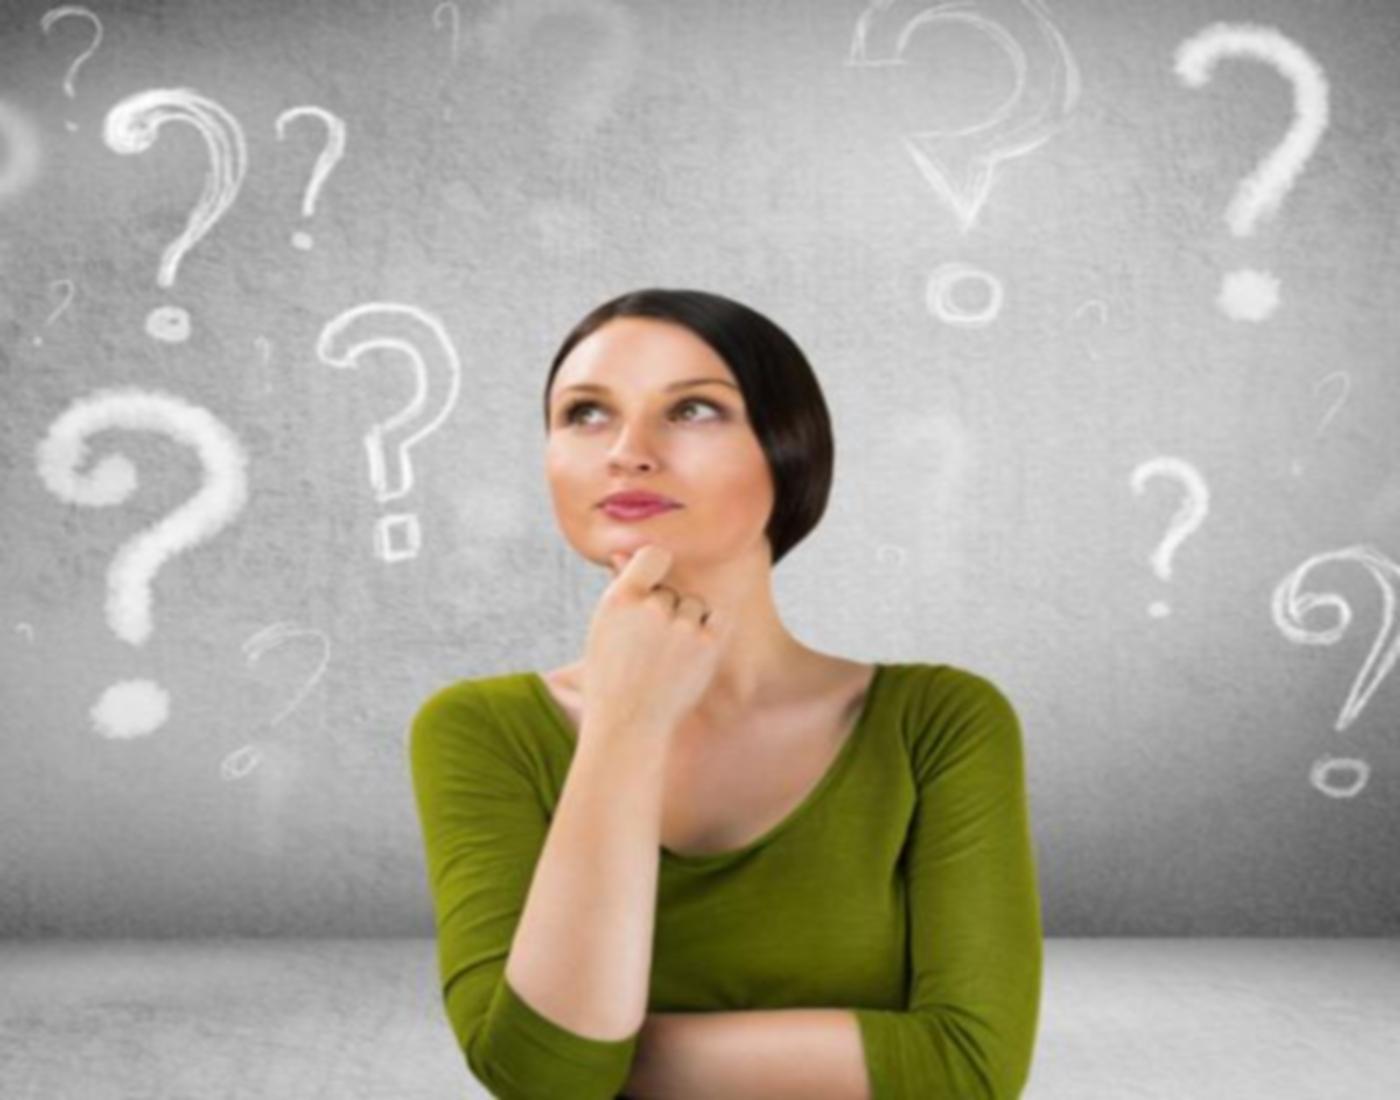 Μήπως η Δυσλεξία επηρεάζει και τους εκπαιδευτικούς;